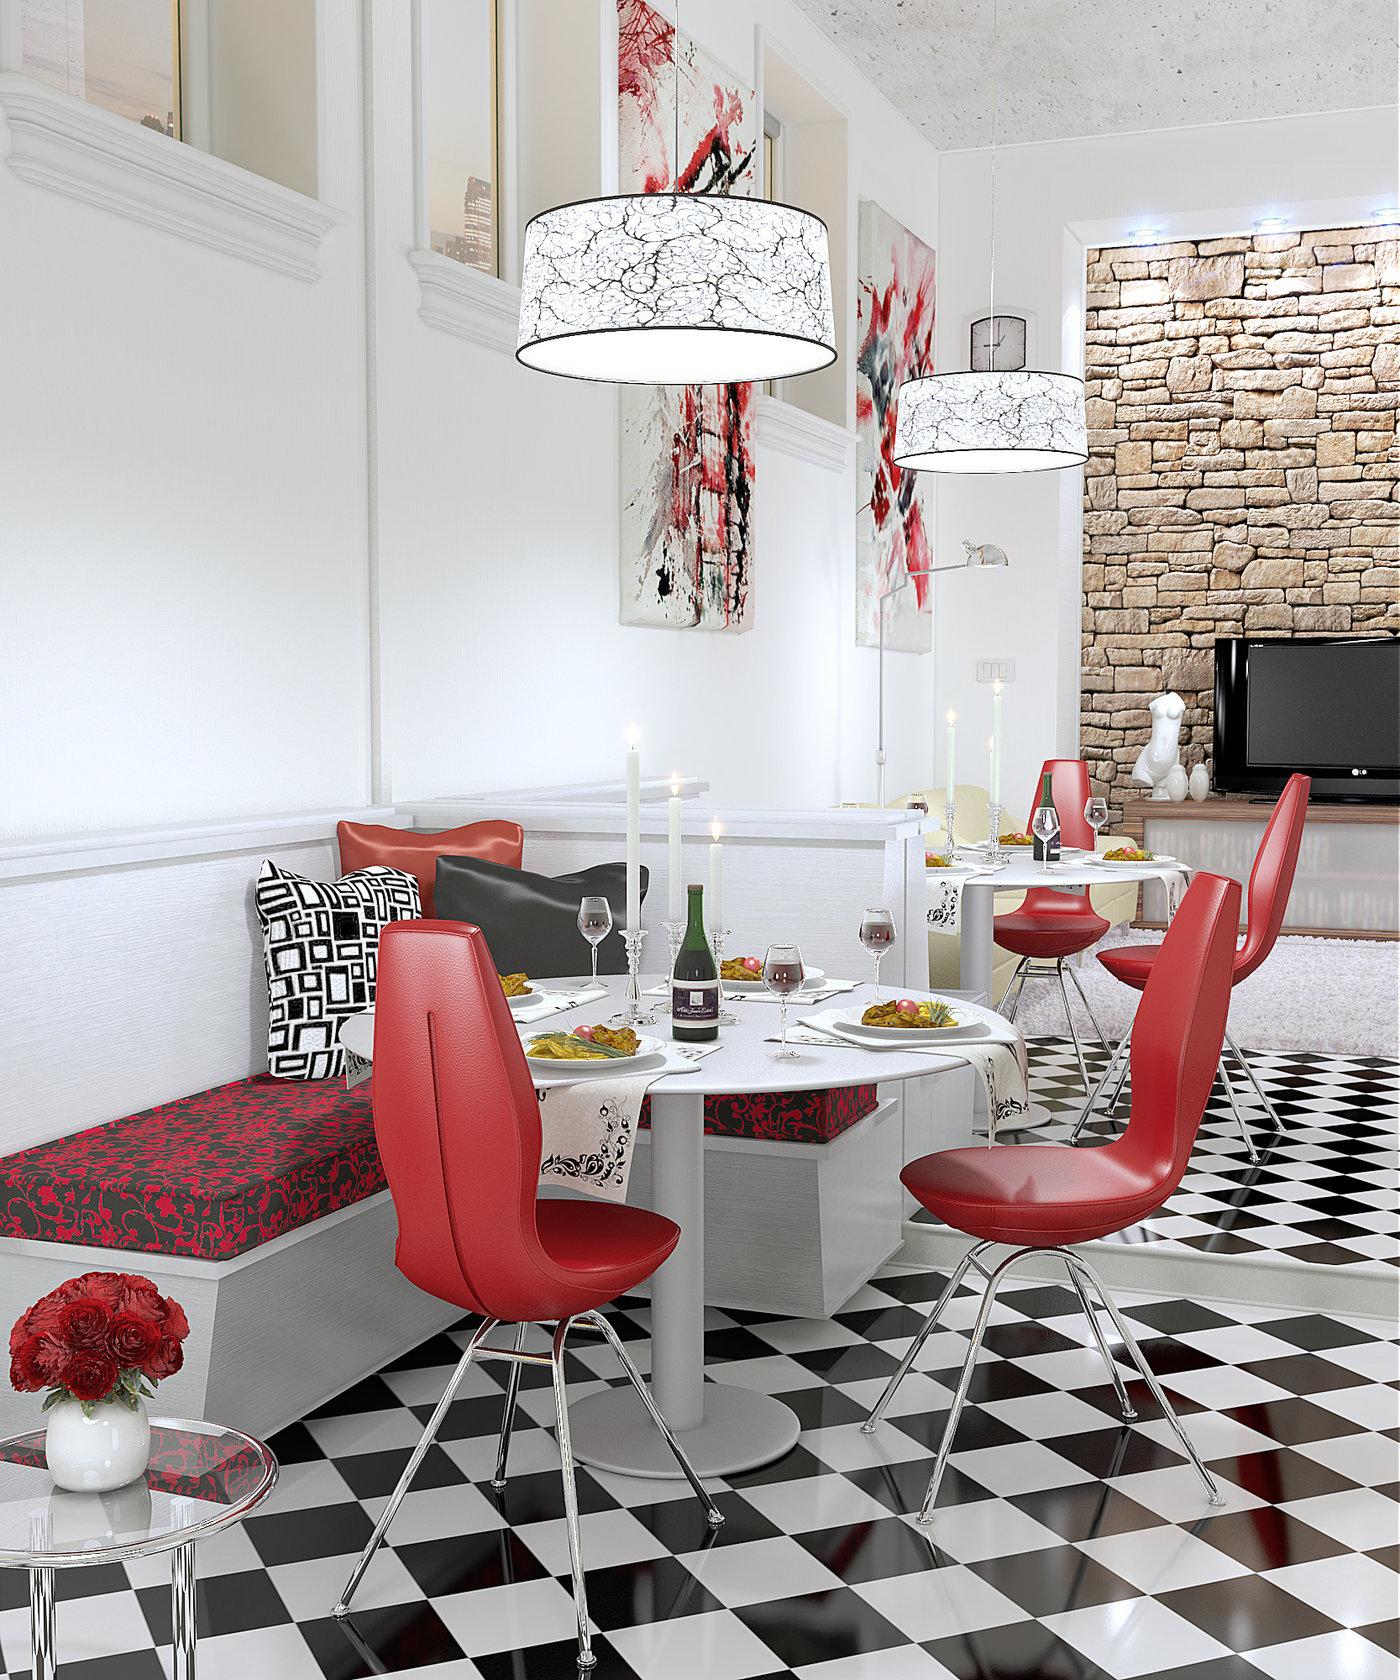 Restaurant (Blender + VRay)